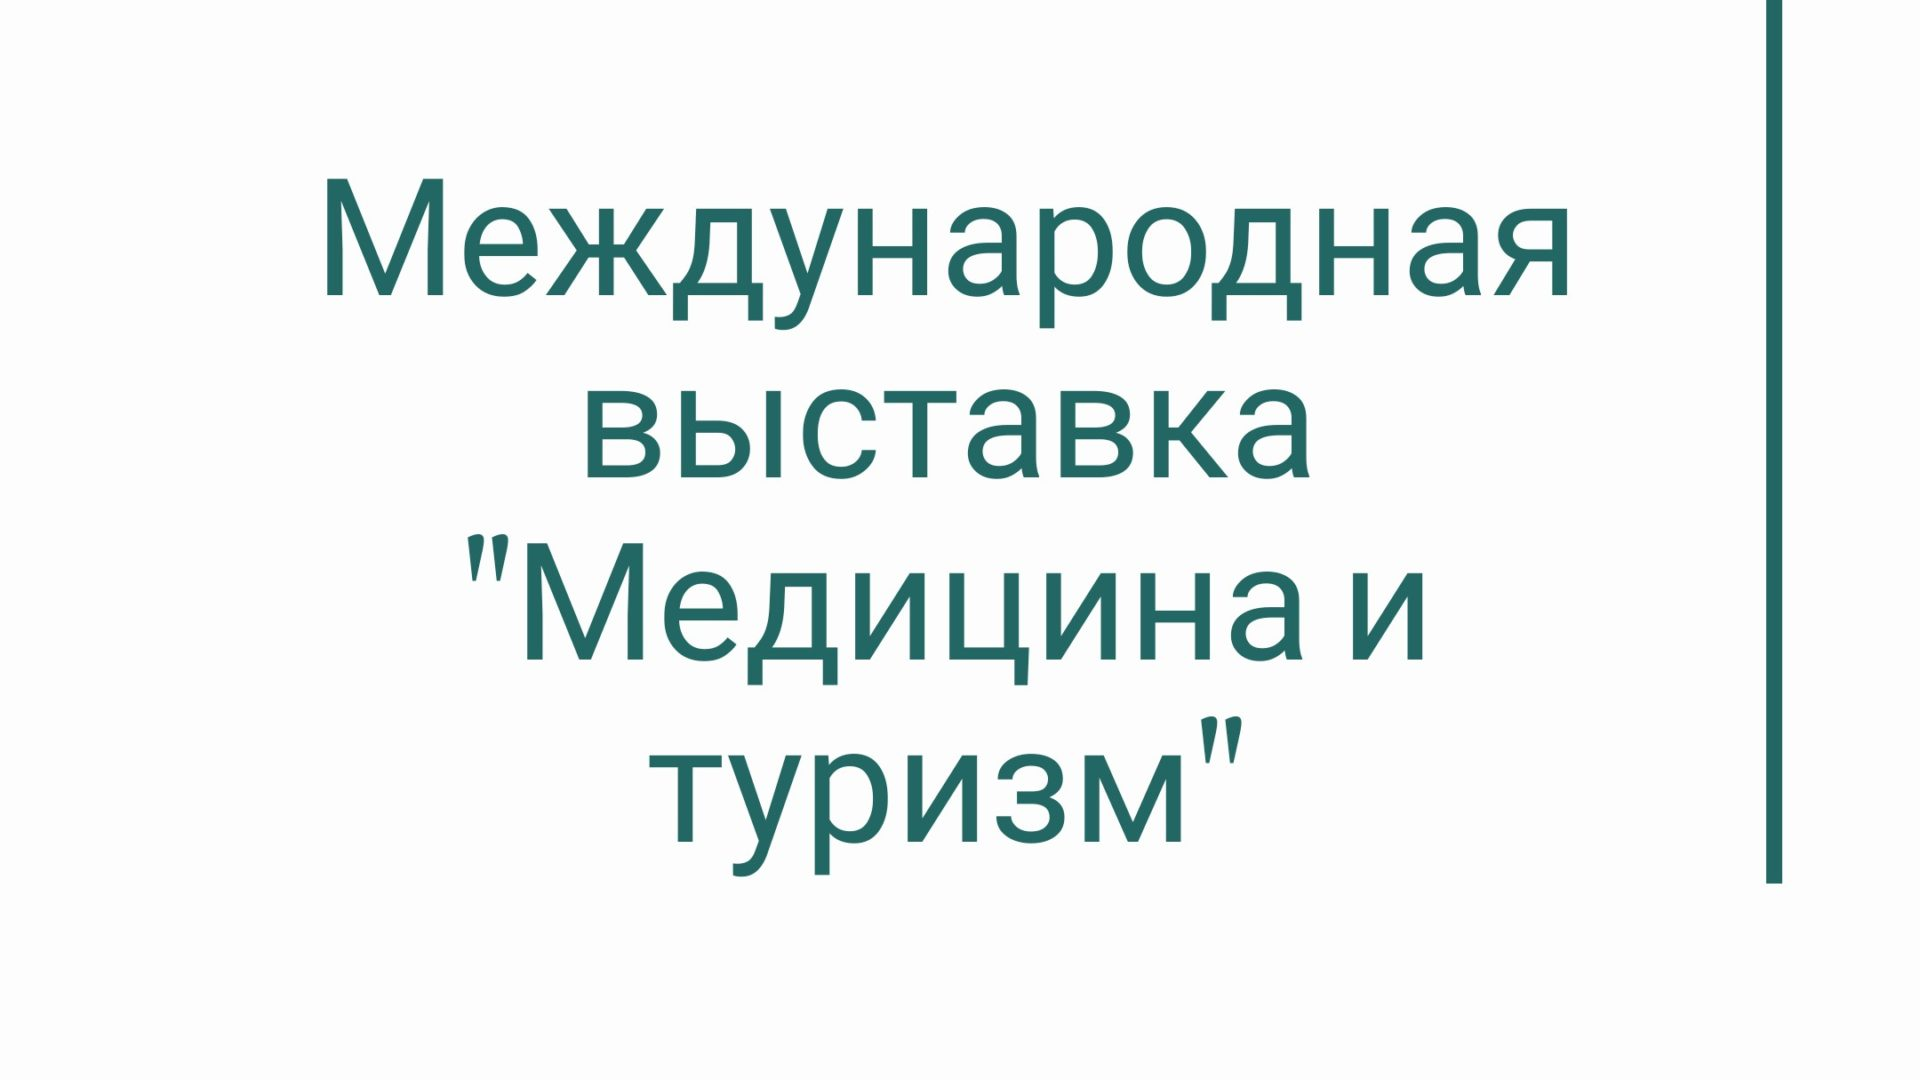 """Международная выставка """"Медицина и туризм"""""""